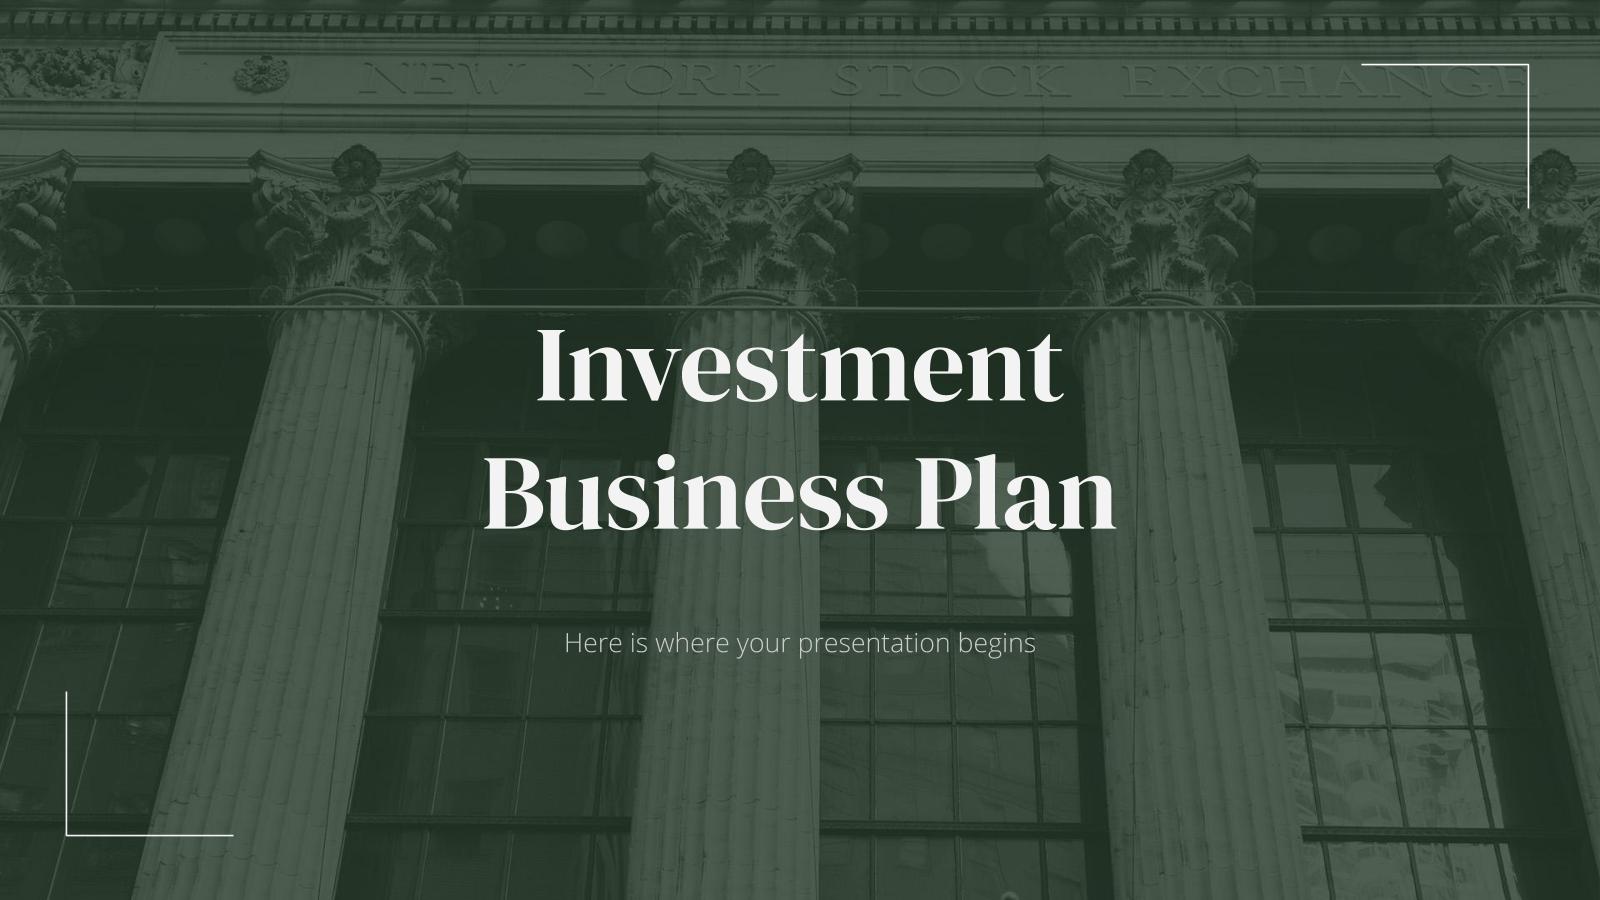 Modelo de apresentação Plano de negócios de investimento